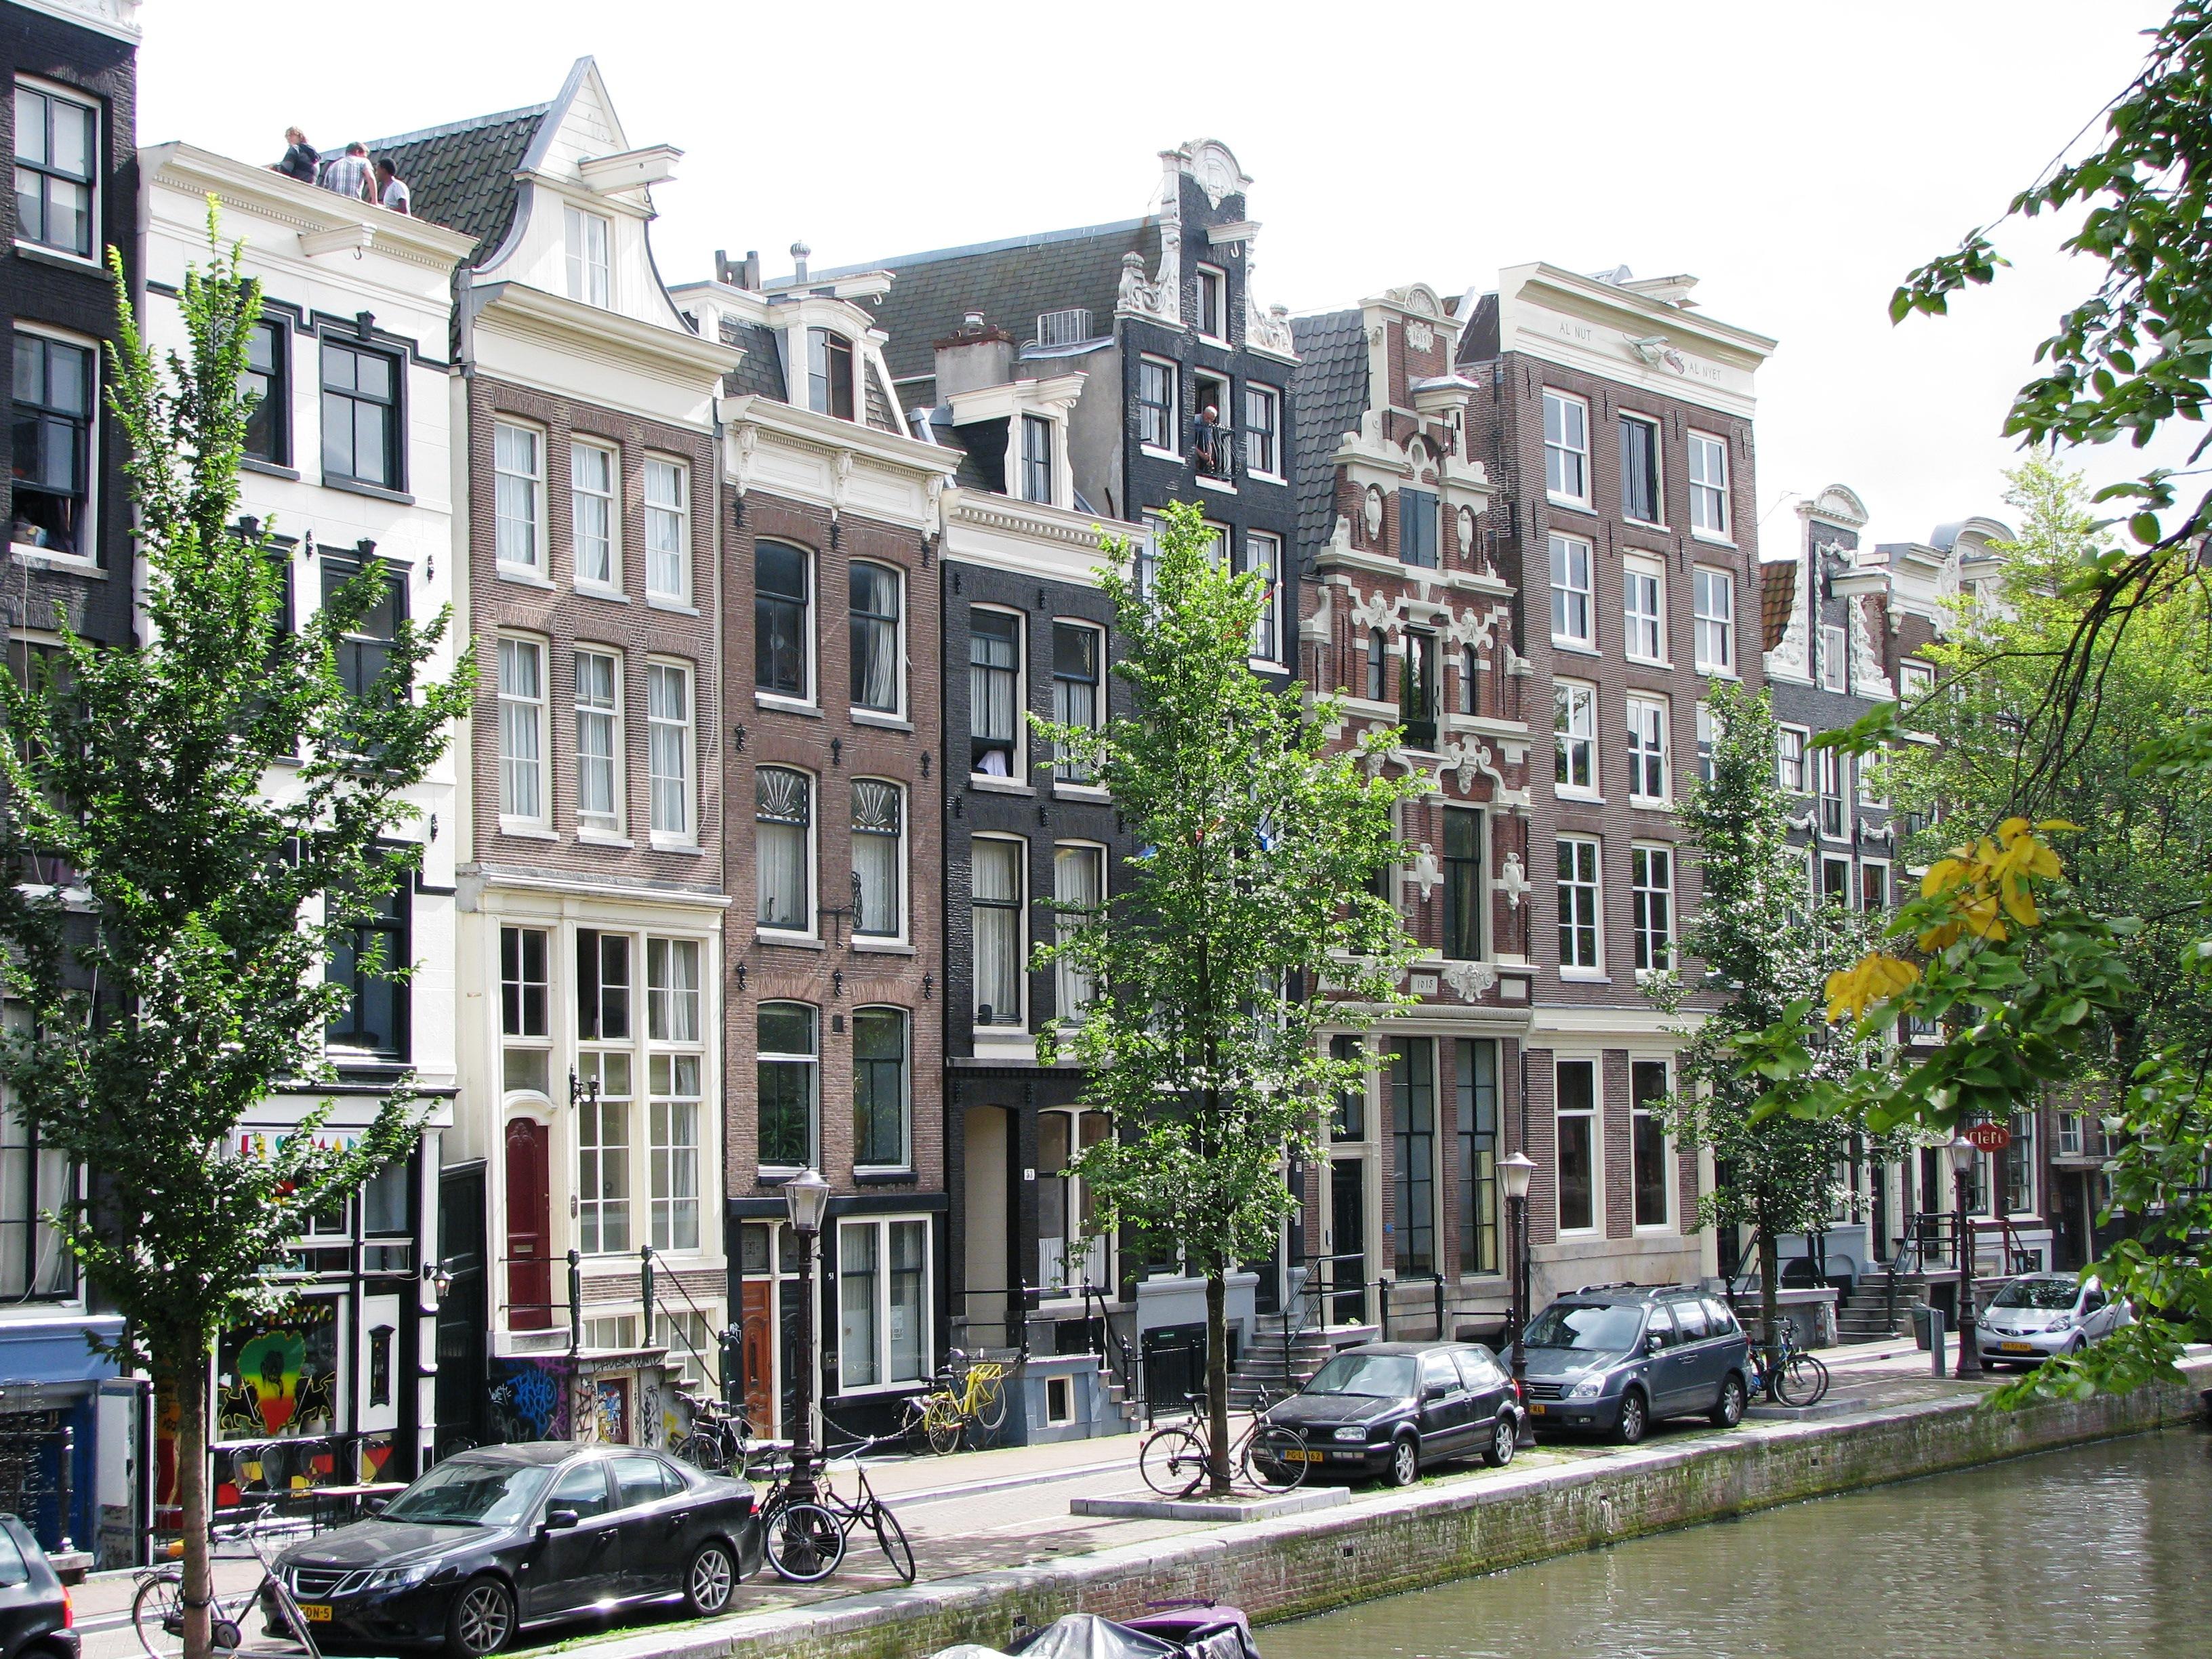 дом в амстердаме в картинках любознательной шустрой